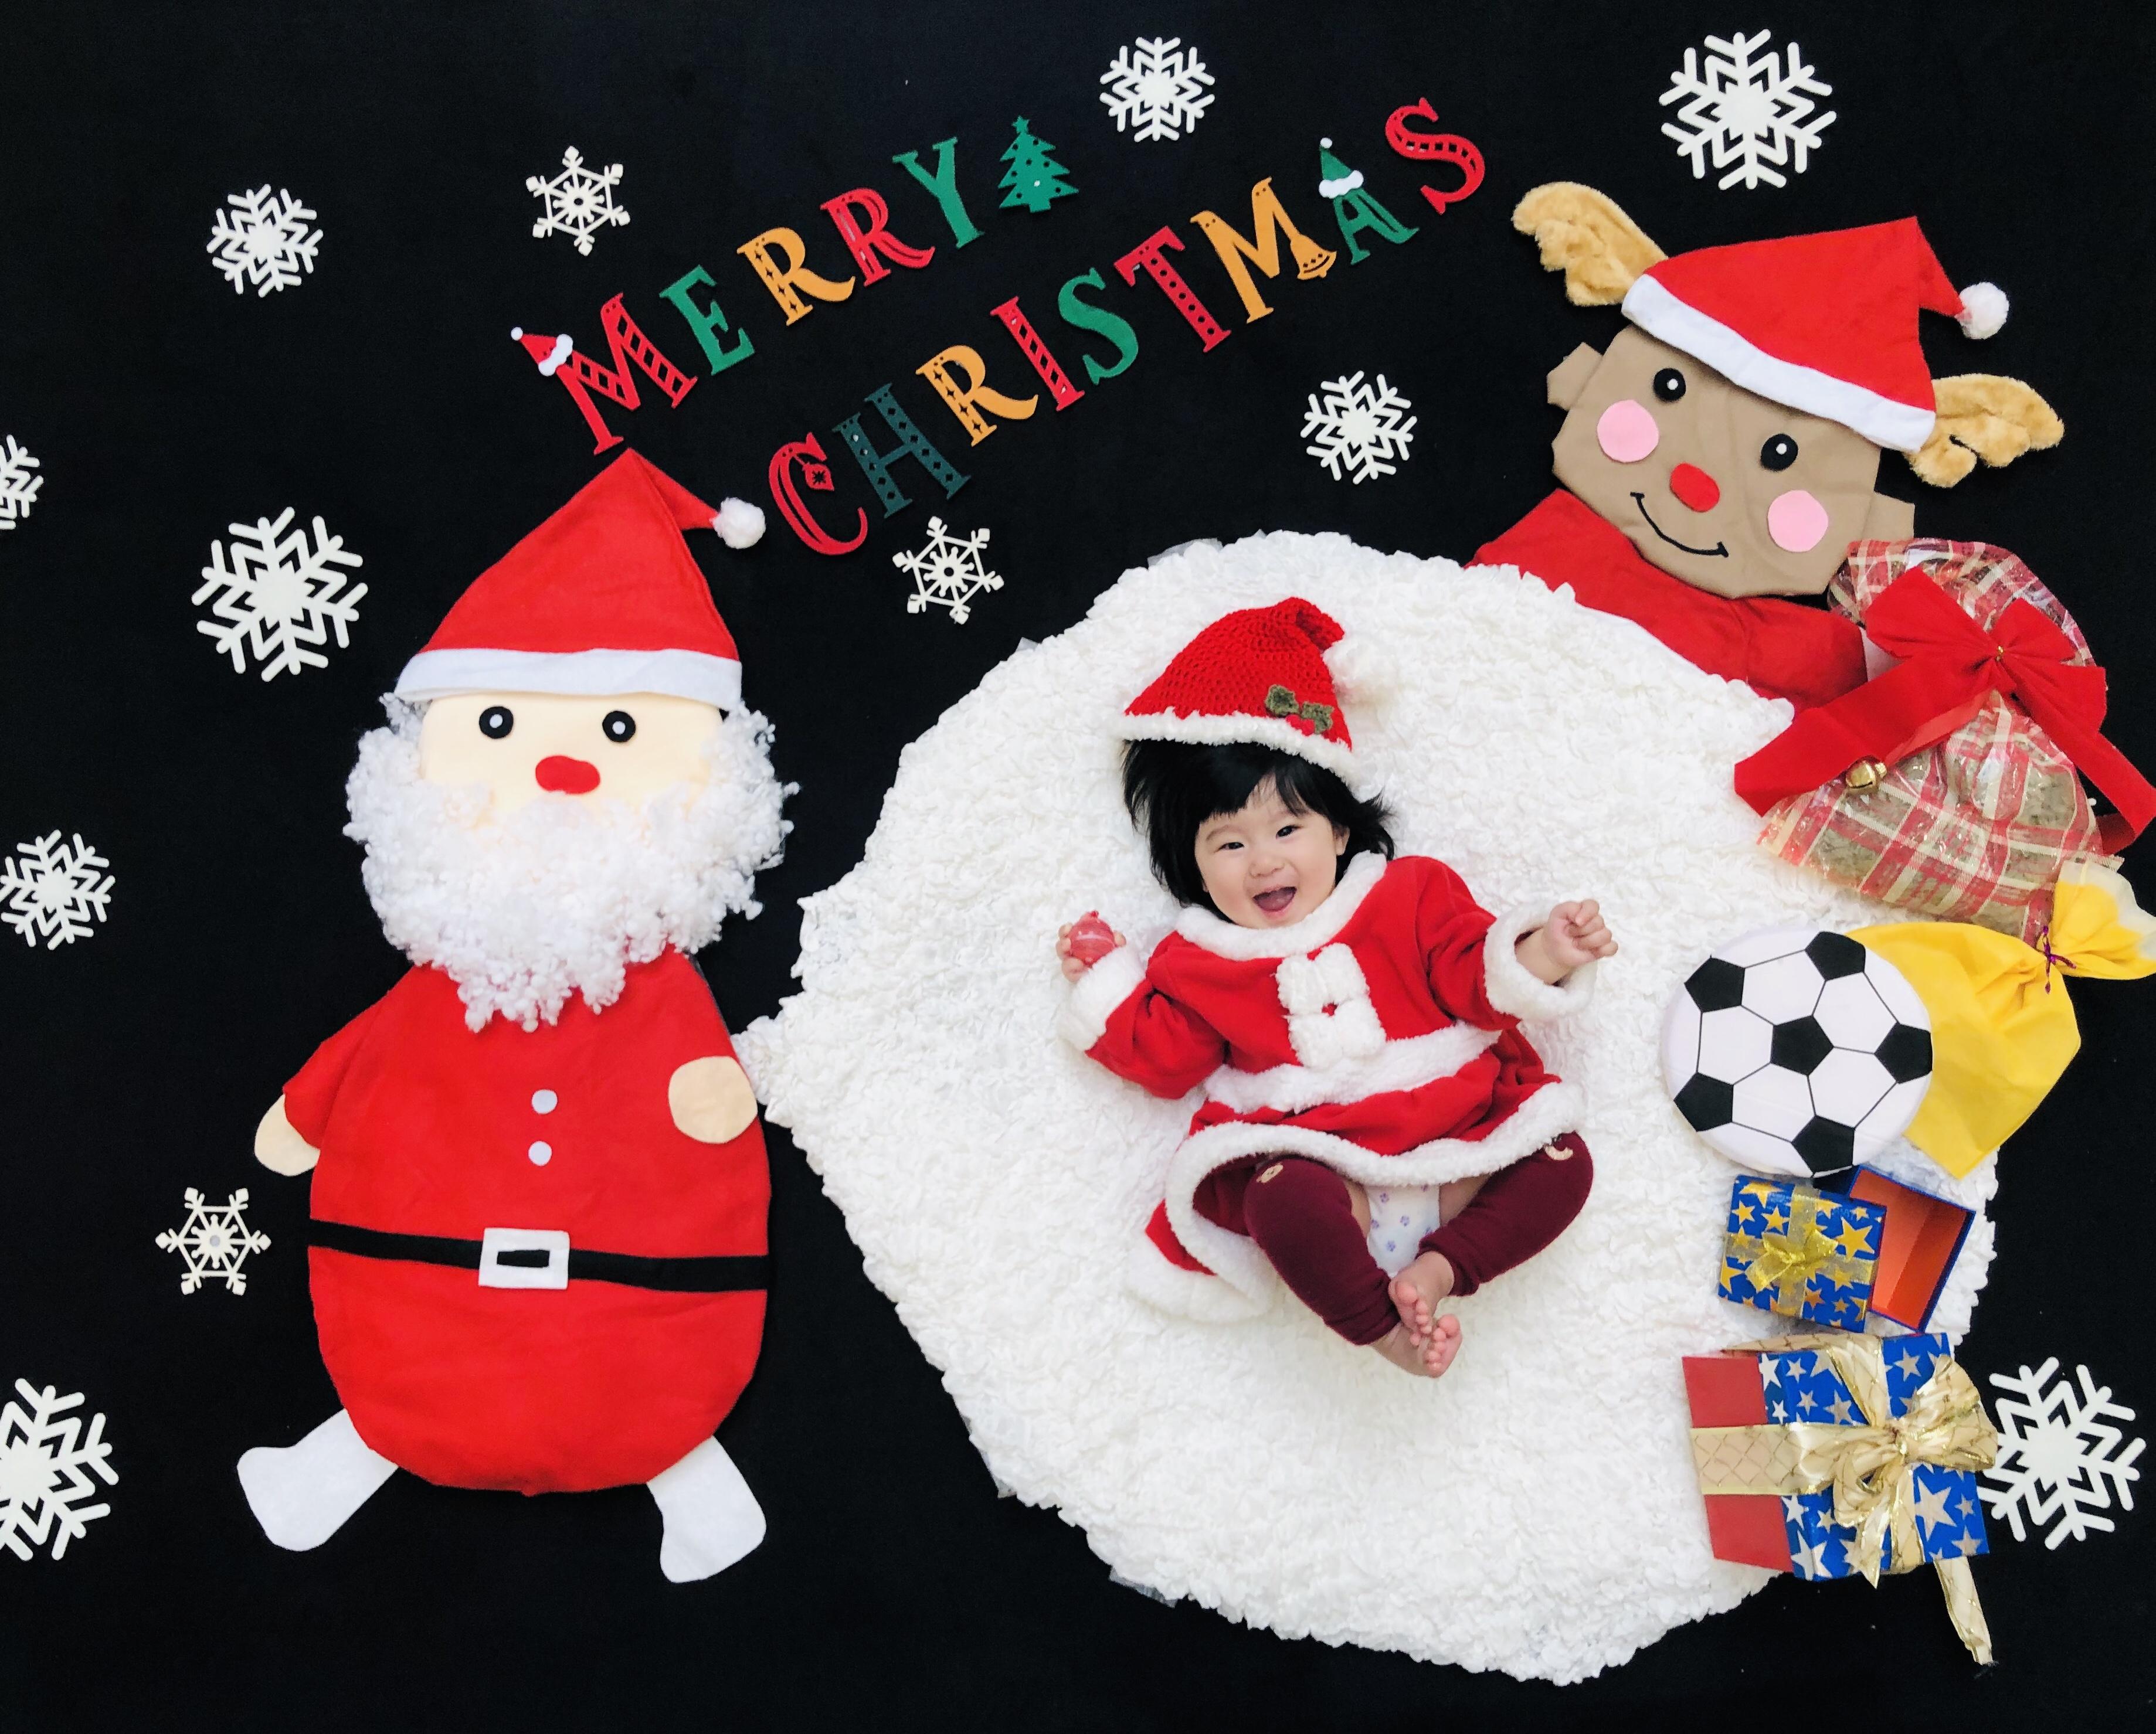 おひるねアート クリスマス サンタクロース トナカイ